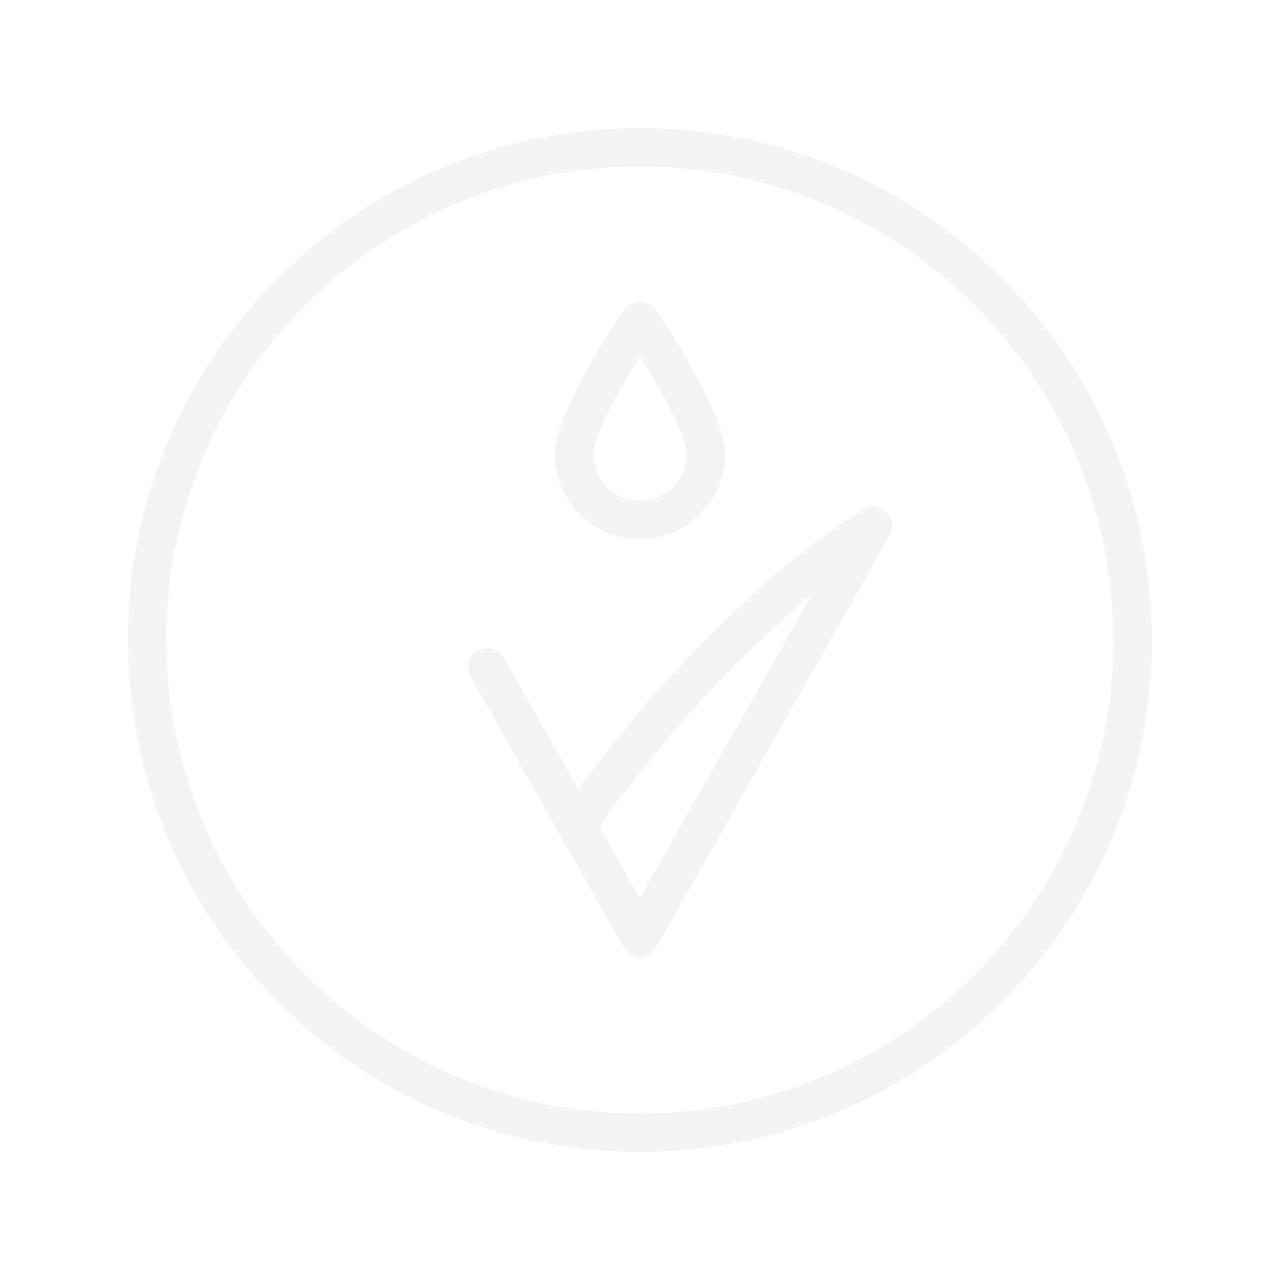 COSRX Acne Pimple Master Patch 24pcs